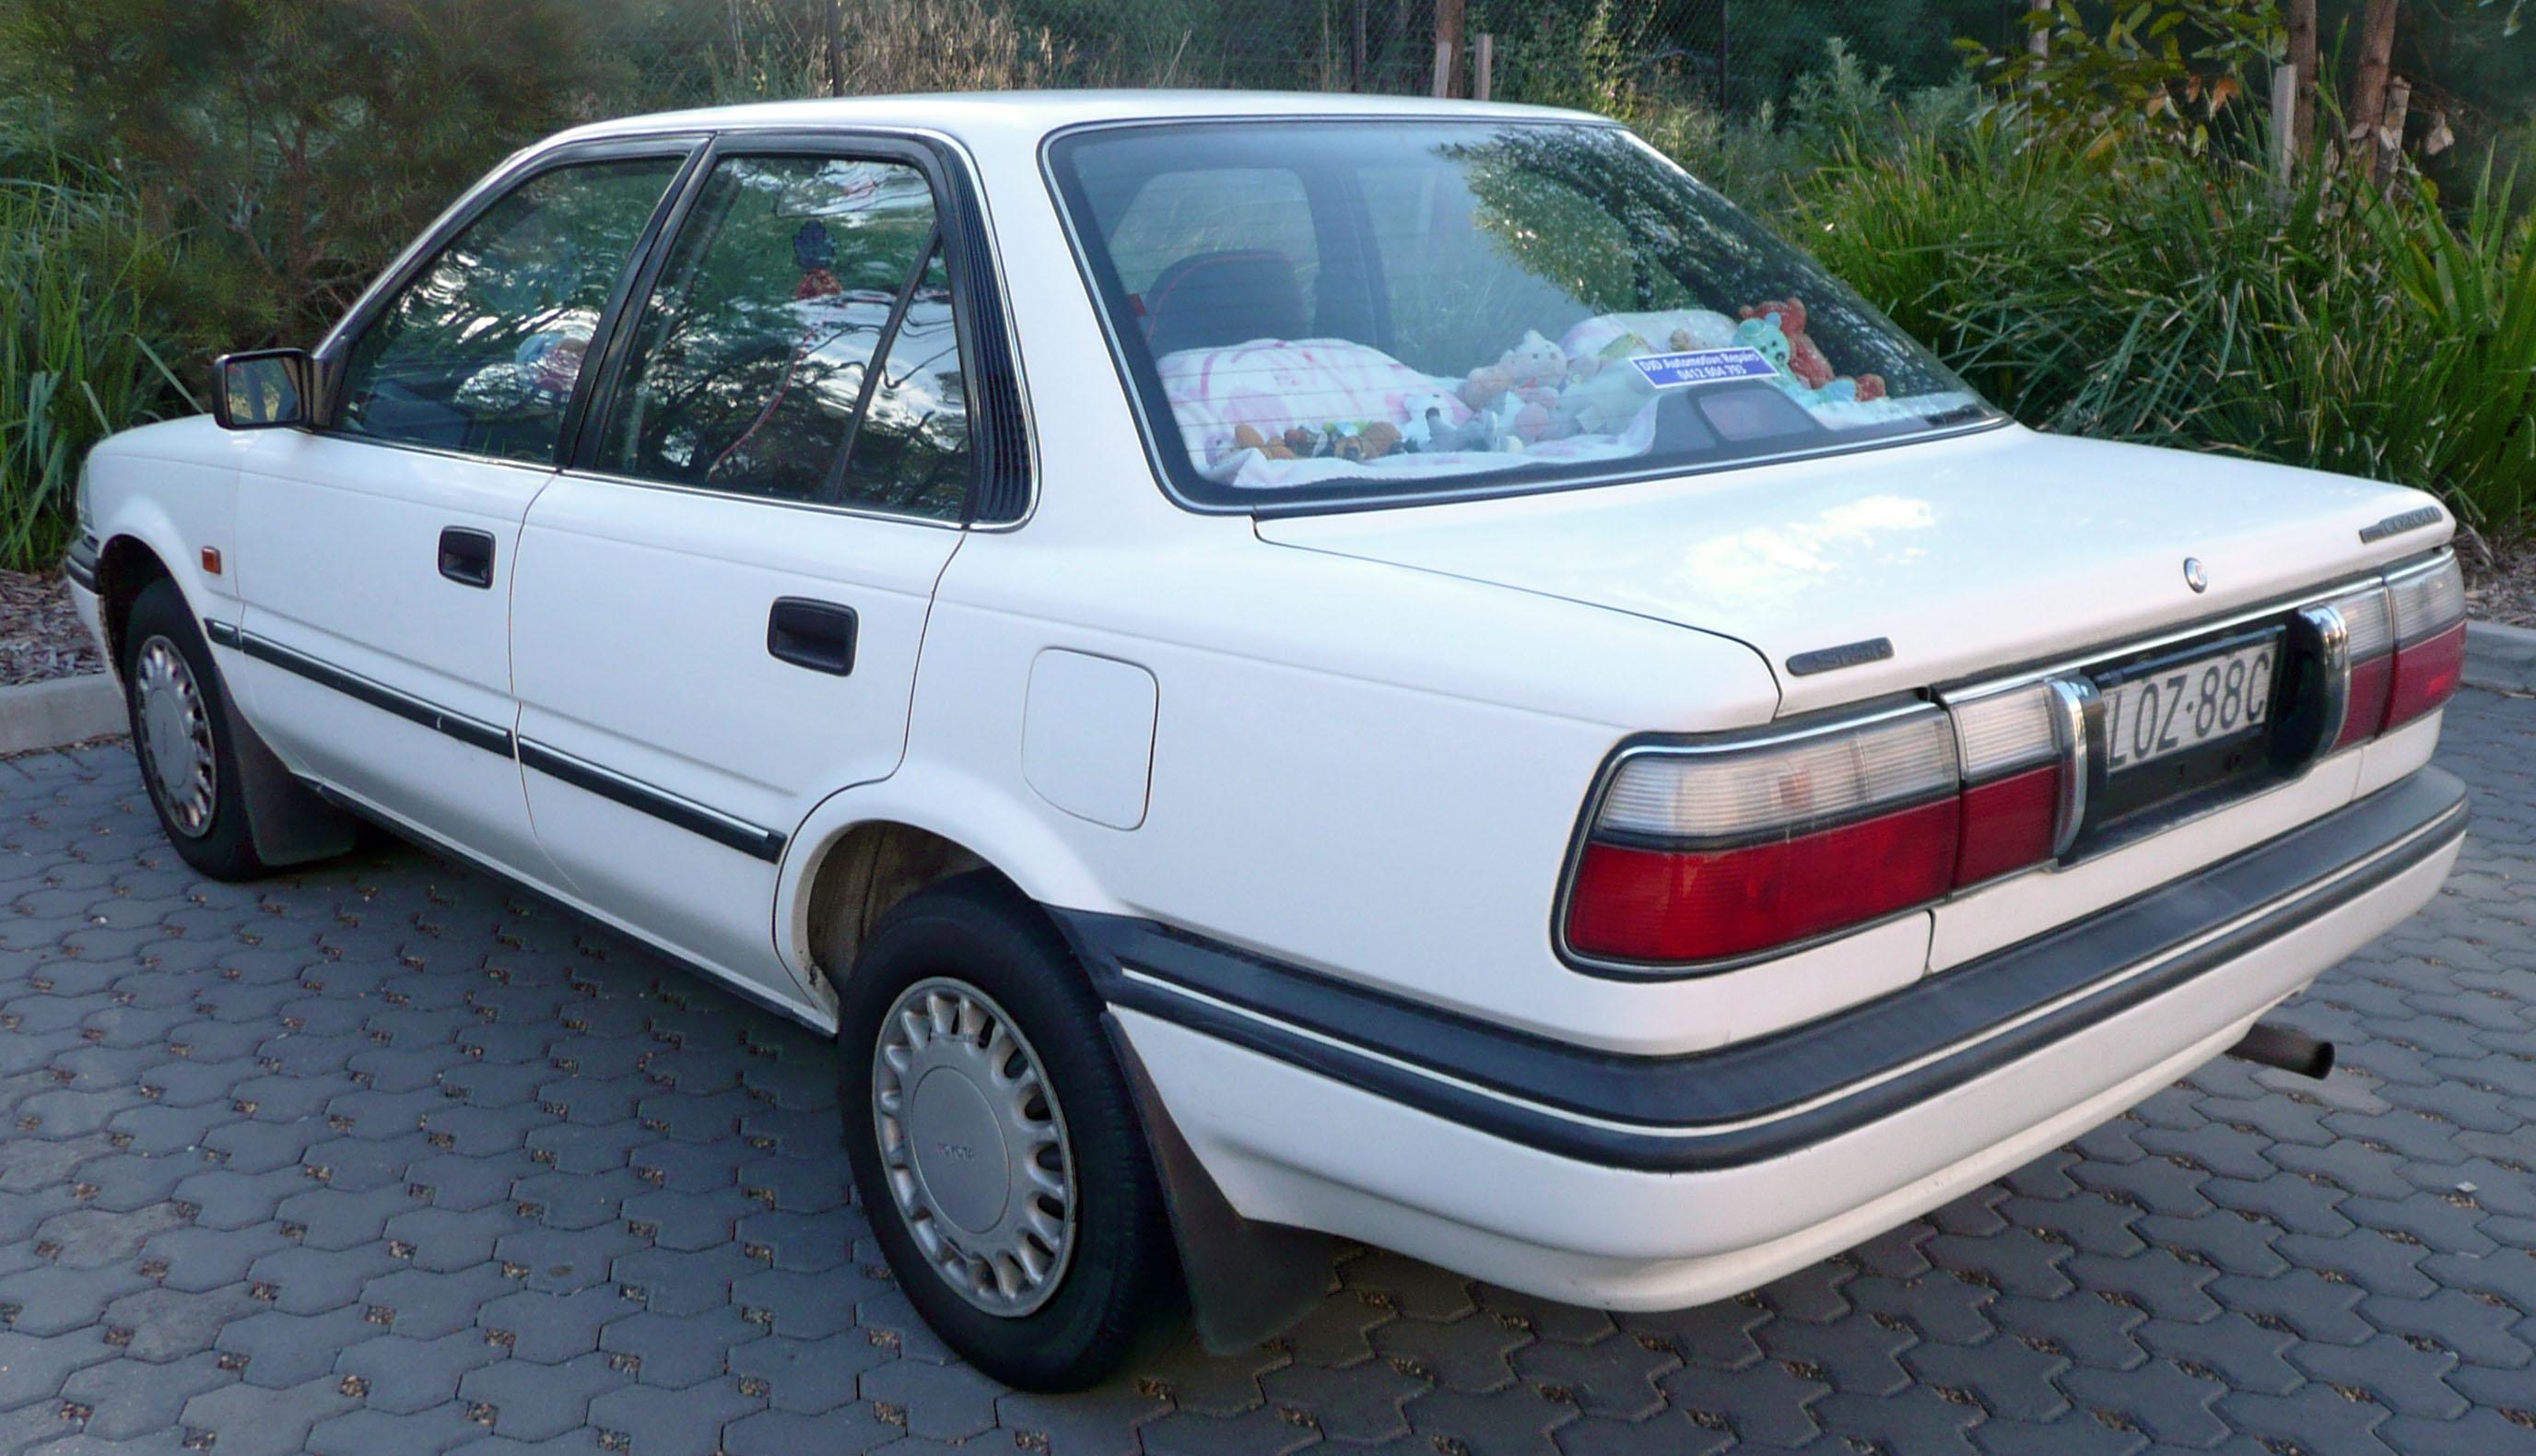 1992 Toyota Corolla Image 5